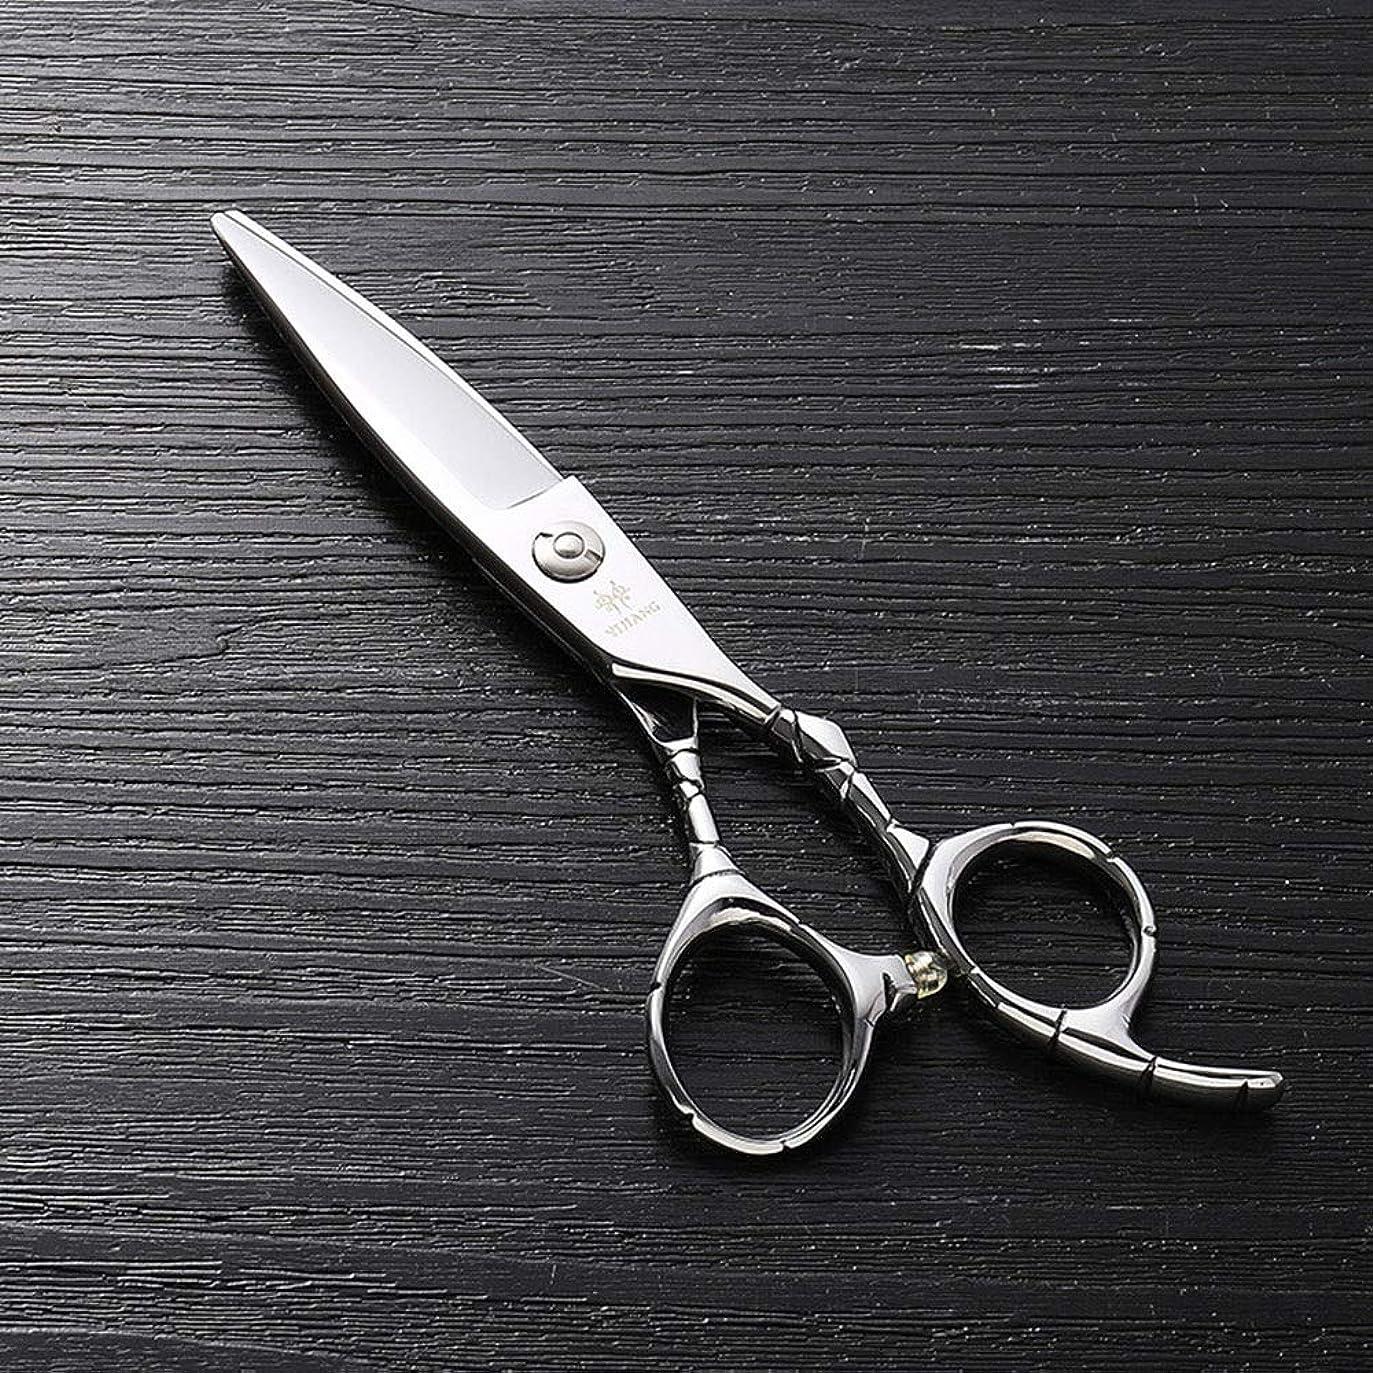 拡大する光沢かけがえのない6インチのステンレス鋼のランセットの脂肪質の平らなせん断、美容院の専門の上限の理髪はさみ ヘアケア (色 : Silver)